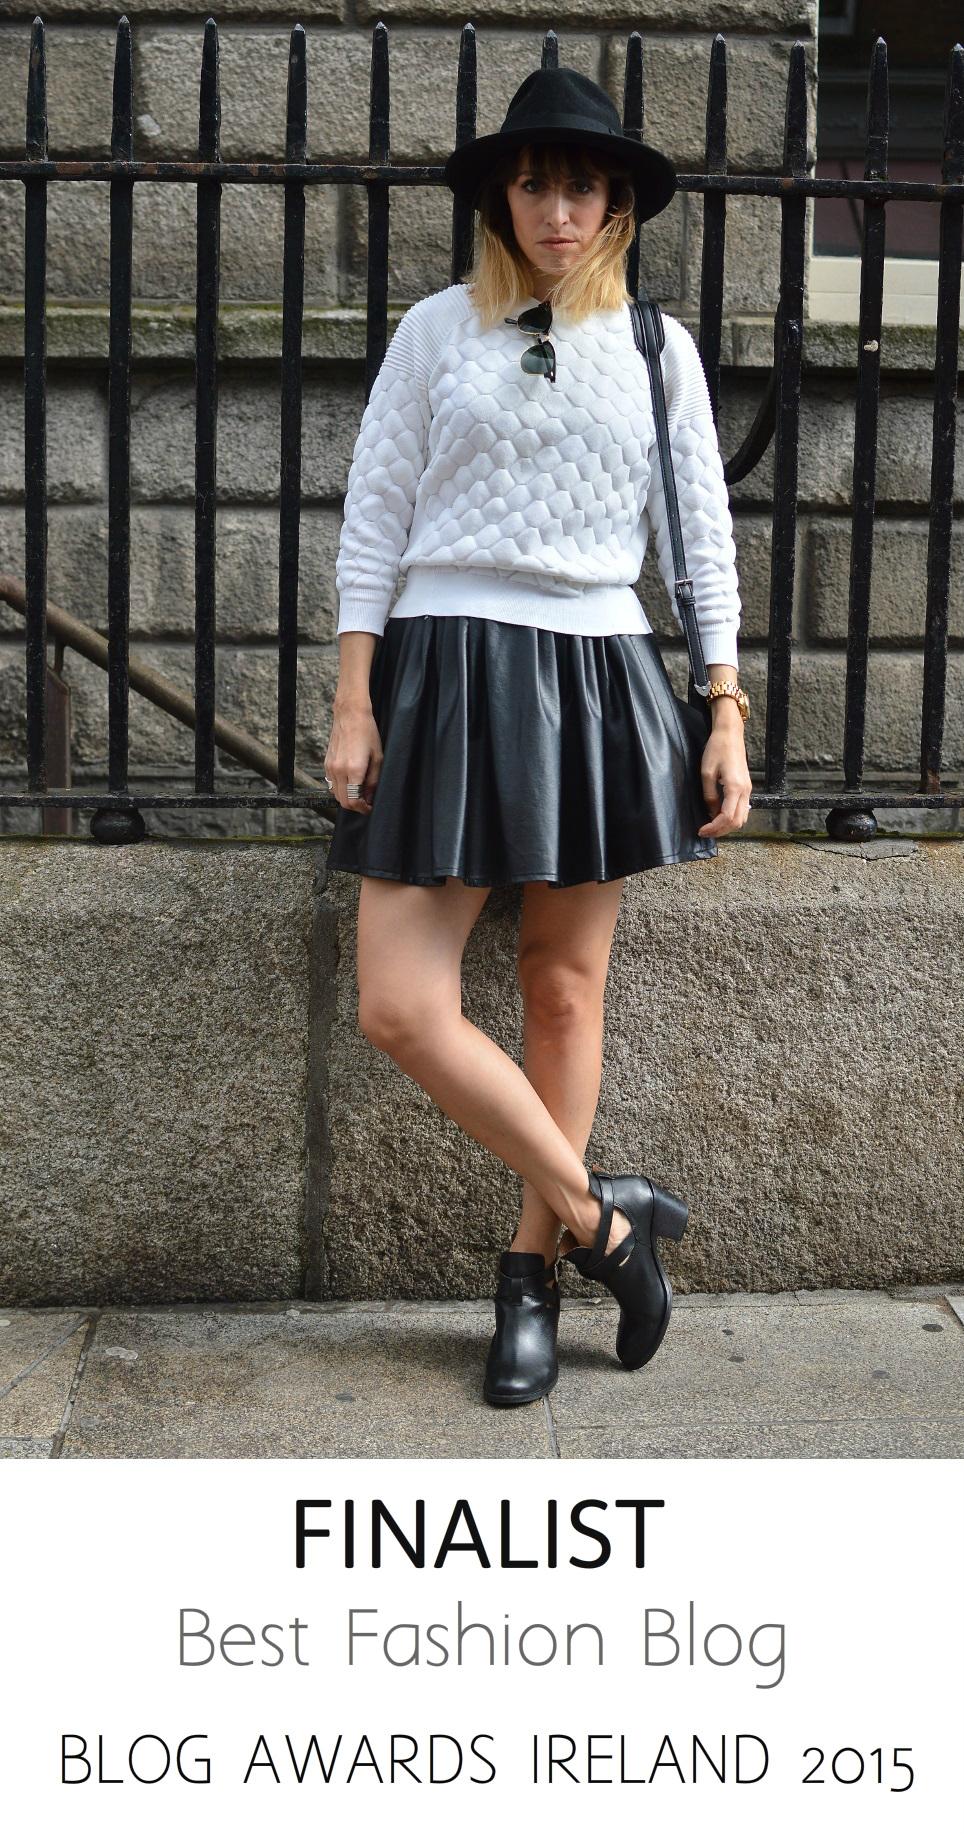 Finalist Best Fashion Blog